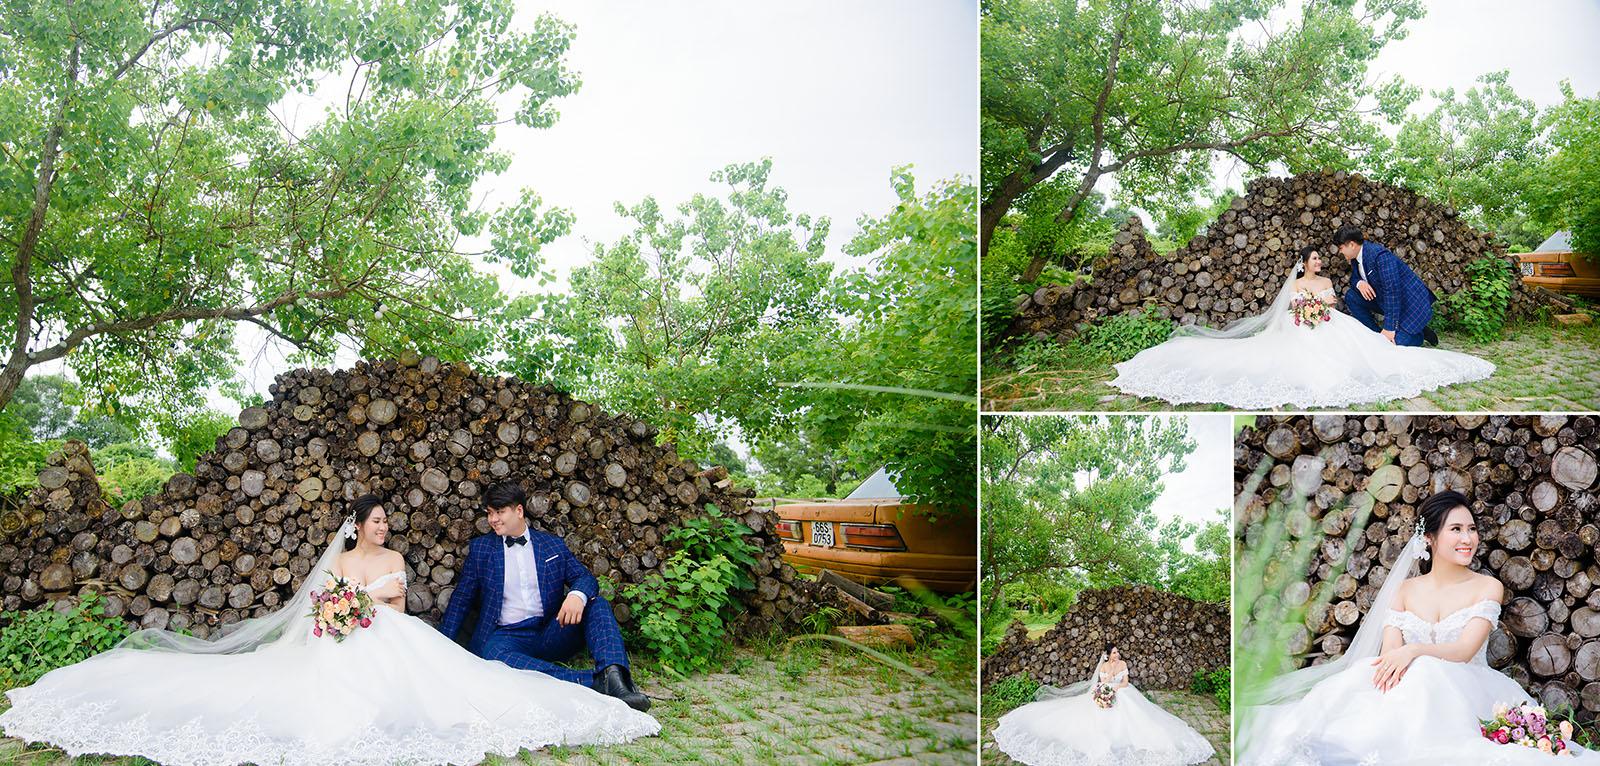 Bạch Tuyết Bridal – địa chỉ chụp ảnh cưới đẹp uy tín tại Hải Phòng